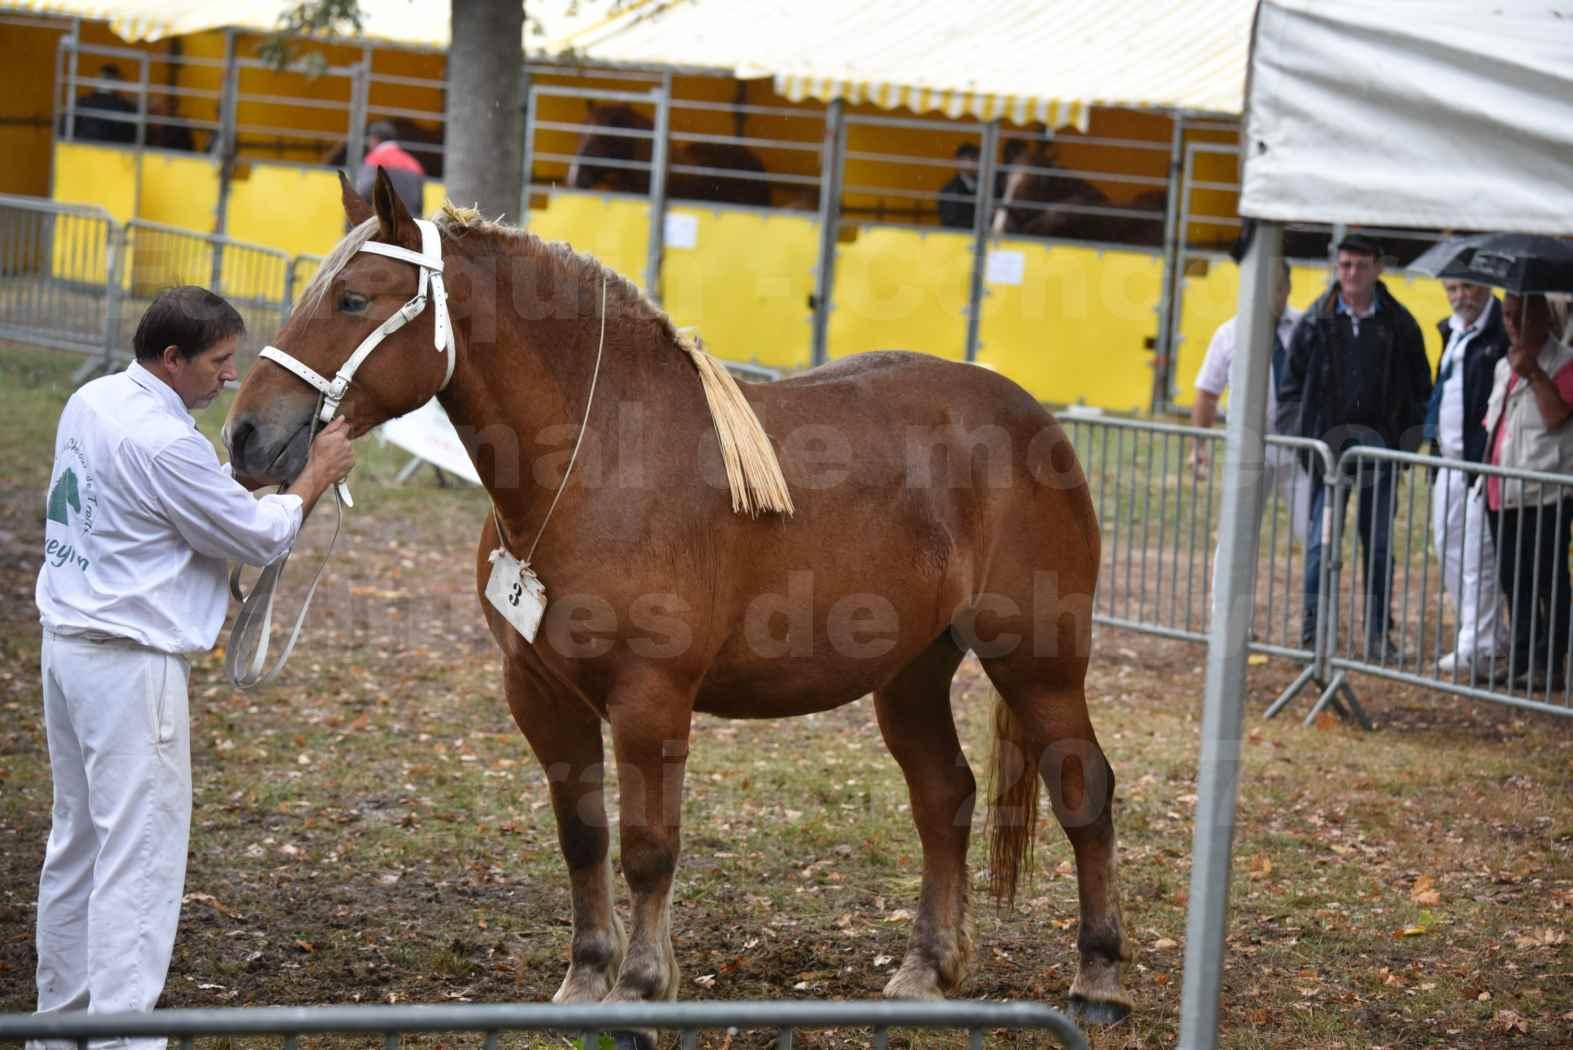 Concours Régional de chevaux de traits en 2017 - Trait COMTOIS - FIDJY DE GRILLOLES - 01